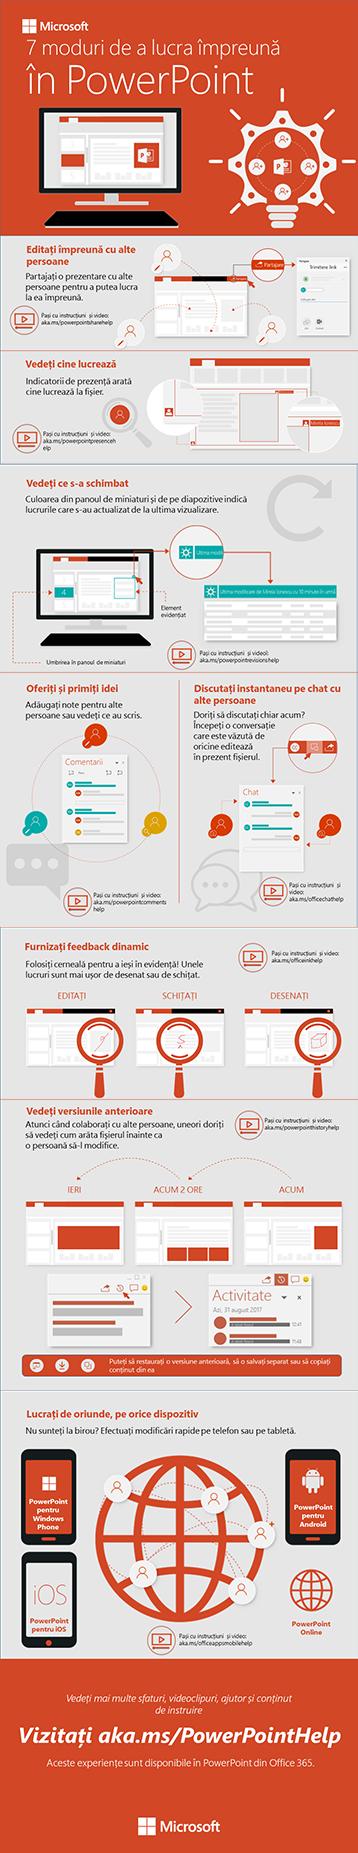 Graficul informativ Modalități de a lucra împreună în PowerPoint